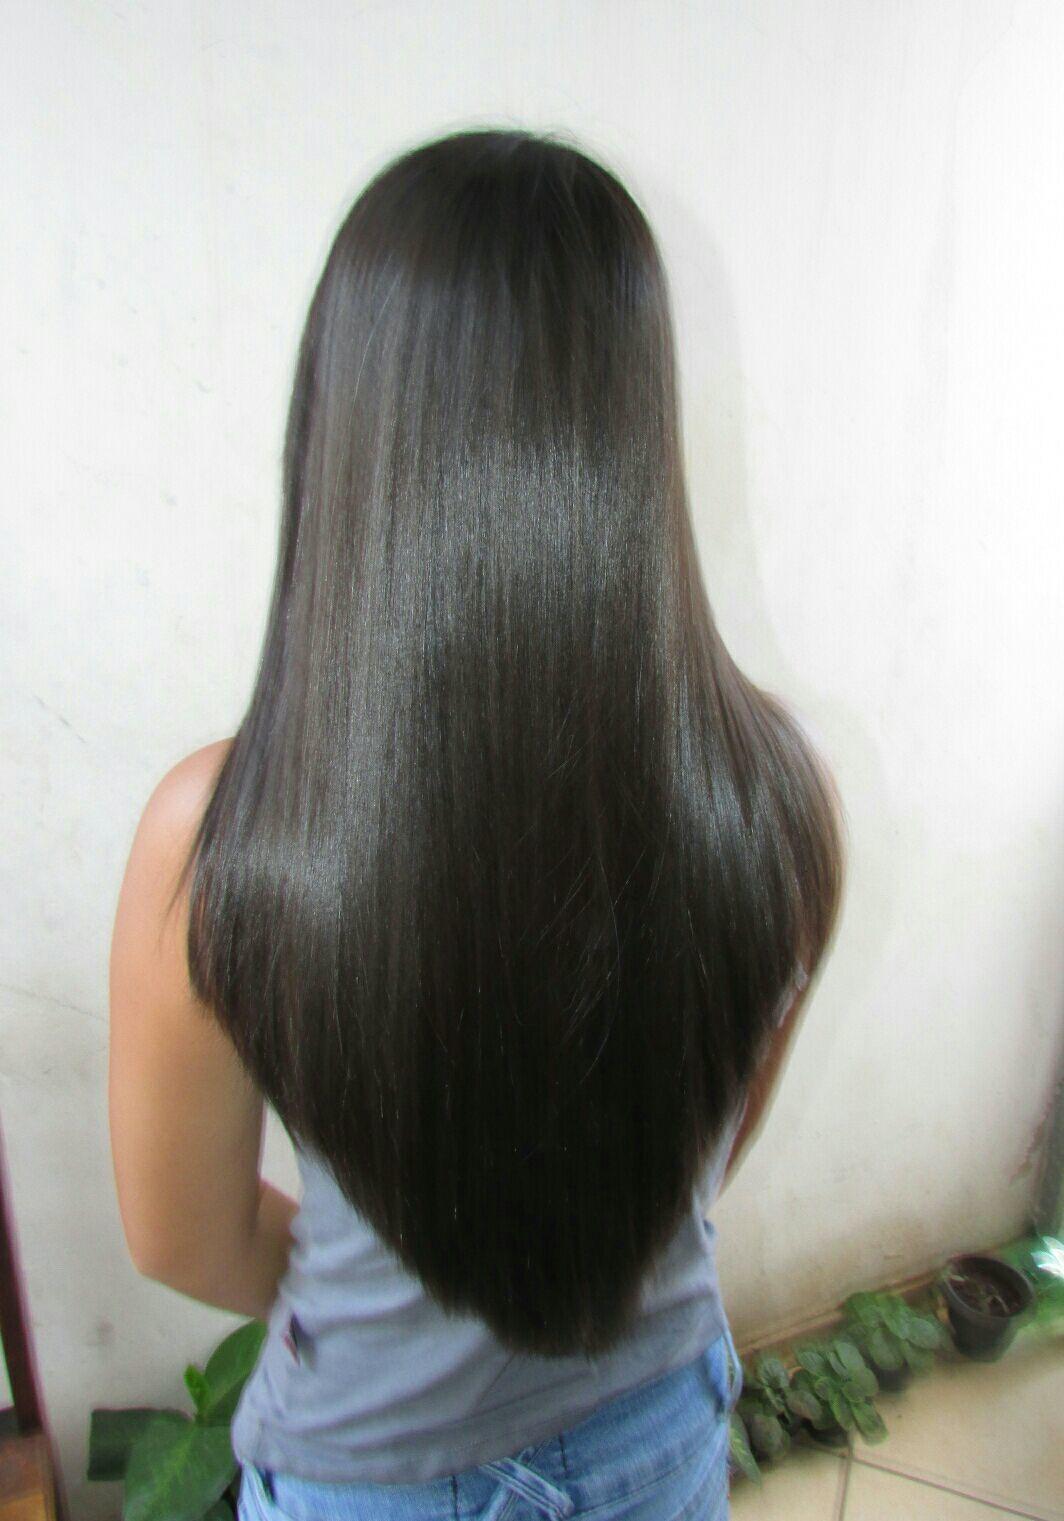 Cabelo bem enrolado foi feito progressiva e esse foi meu resultado fico lindo cabelo cabeleireiro(a) maquiador(a) cabeleireiro(a)